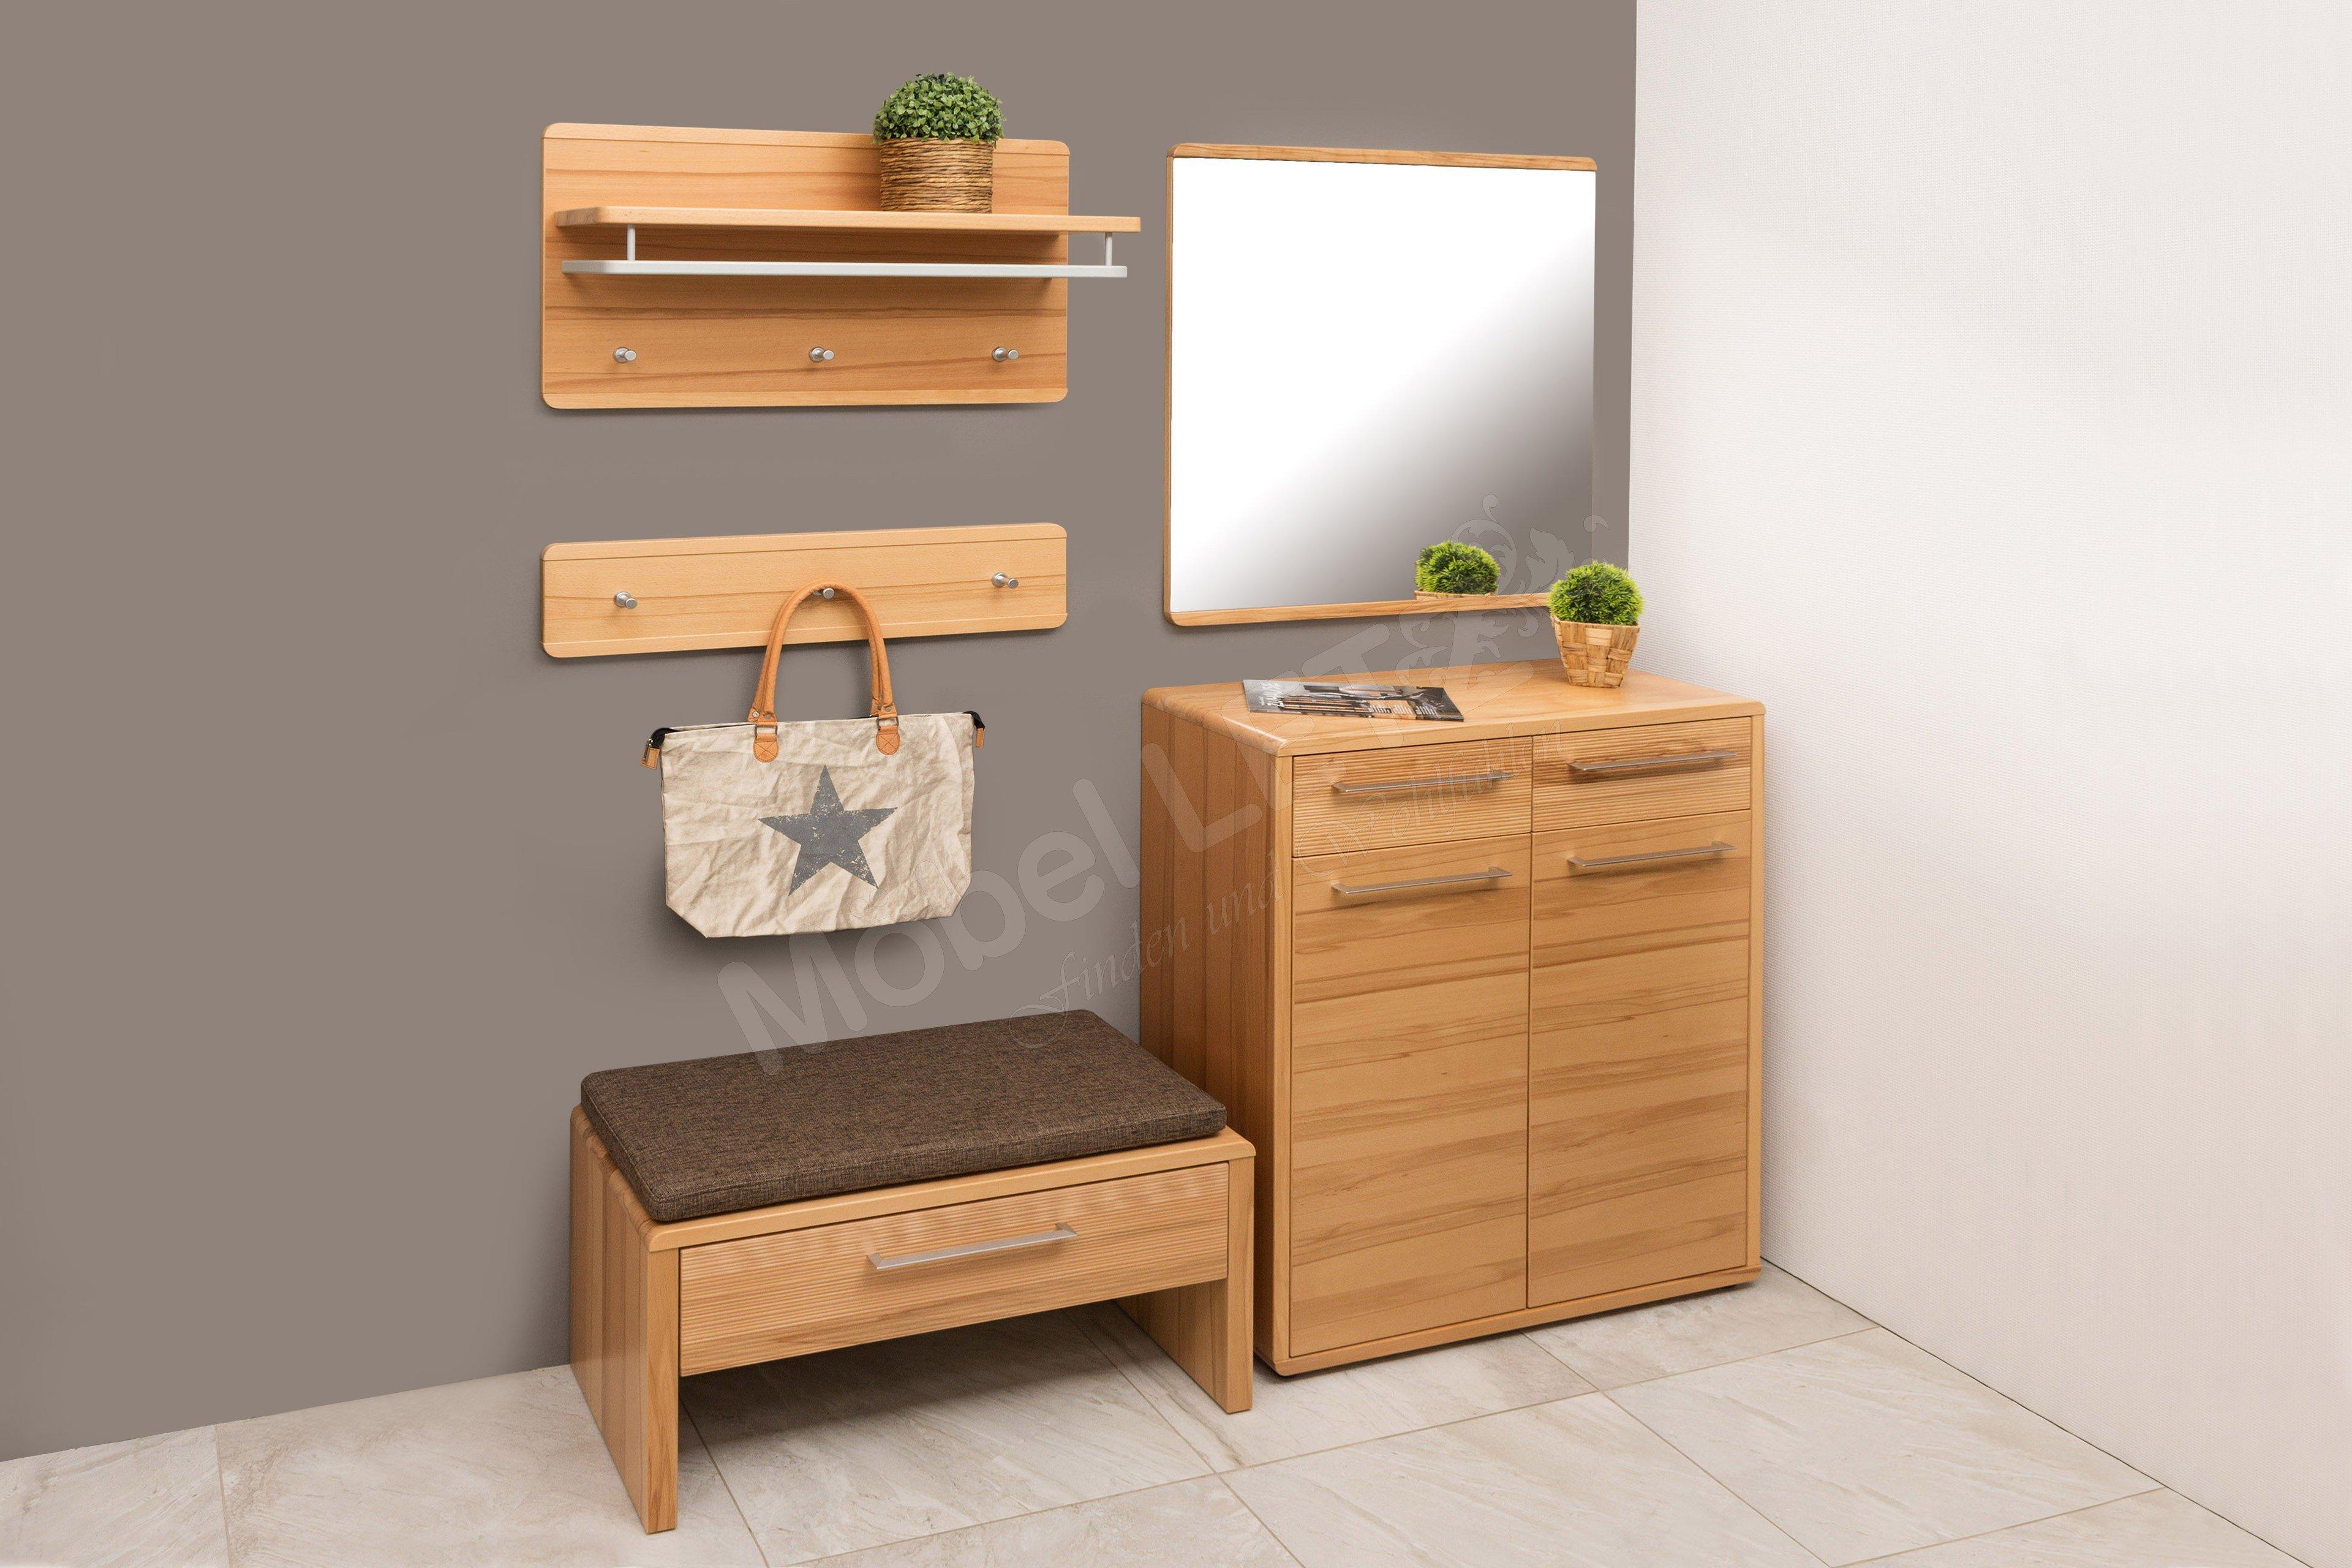 garderobe vaile aus der kollektion letz m bel letz ihr. Black Bedroom Furniture Sets. Home Design Ideas